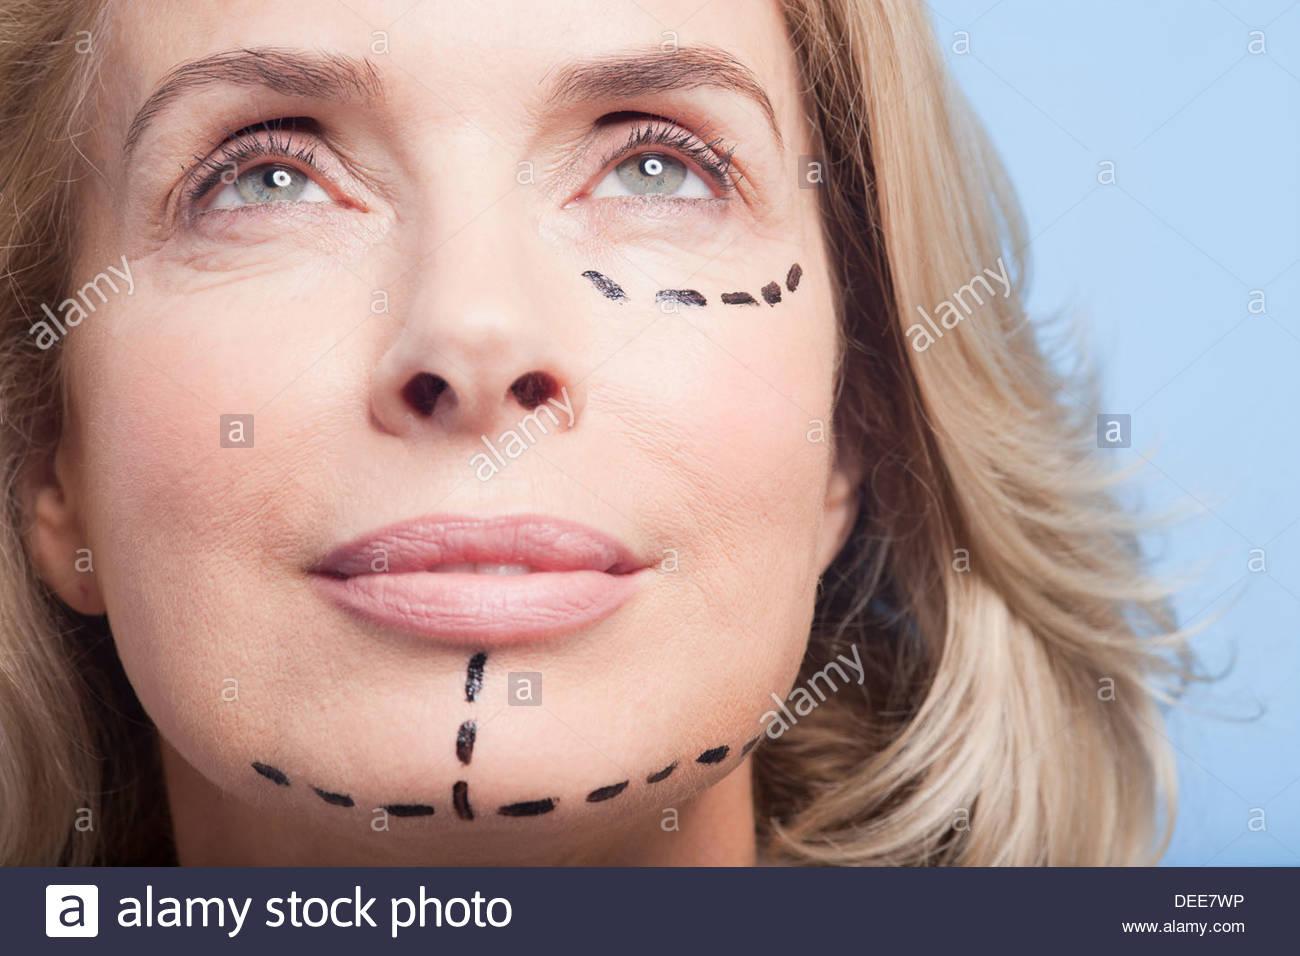 Close Up retrato de mujer con líneas punteadas en la cara Imagen De Stock